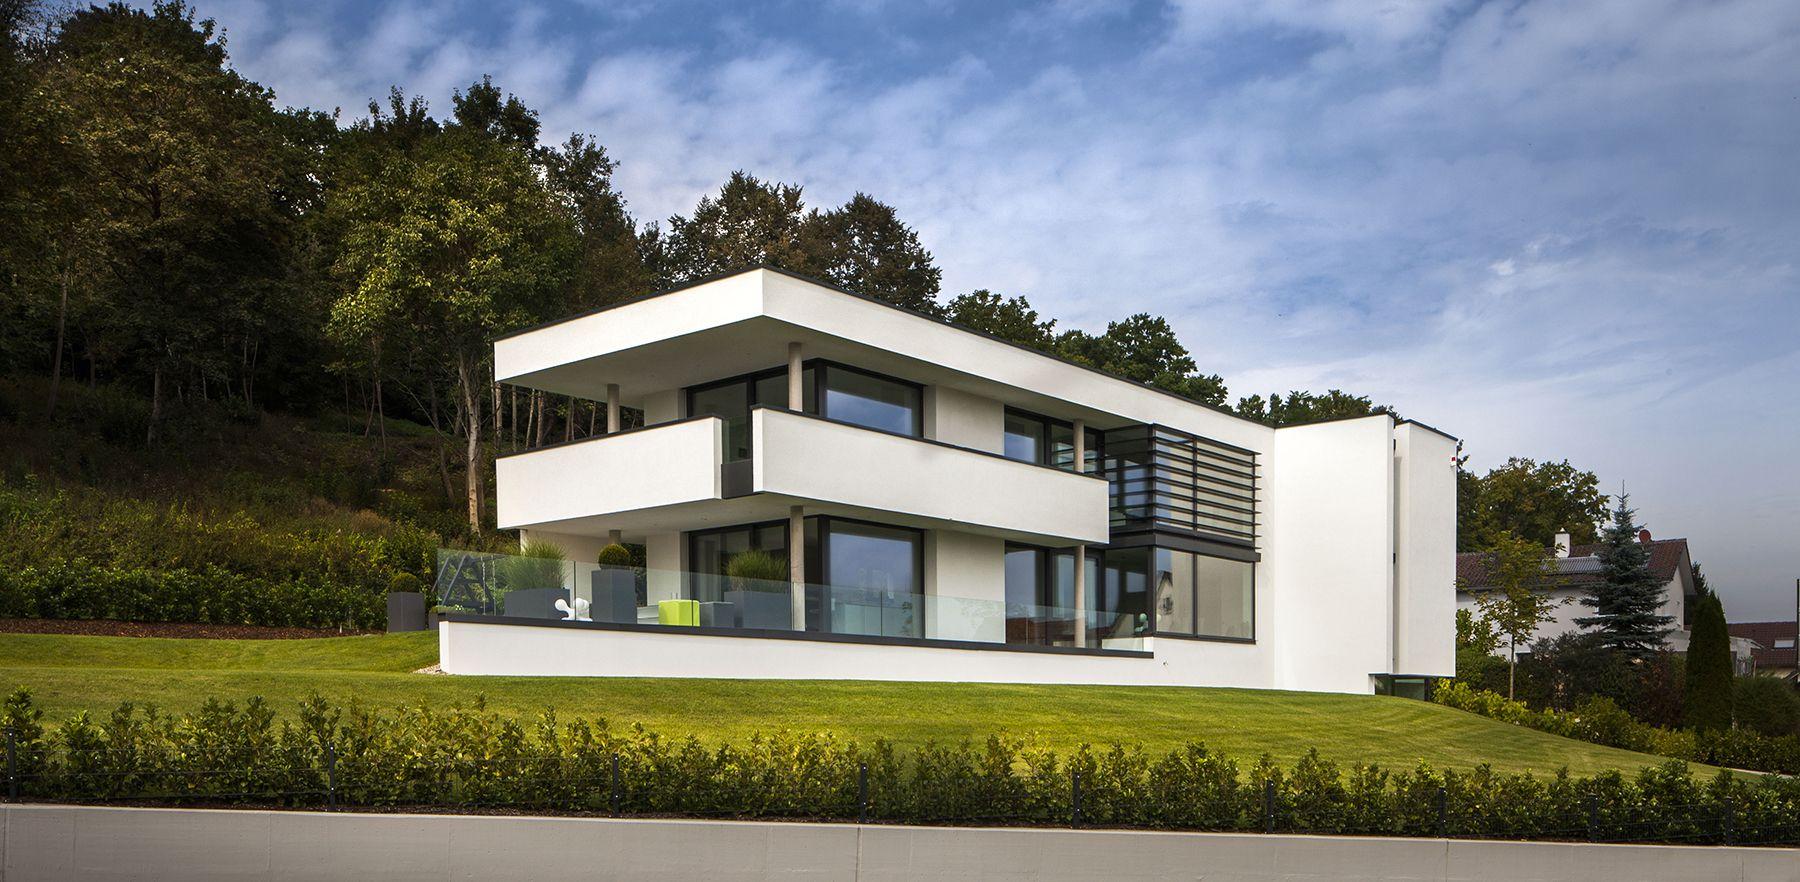 Projekt   Haus NTB   Mengen | Architekten Bda: Fuchs, Wacker.